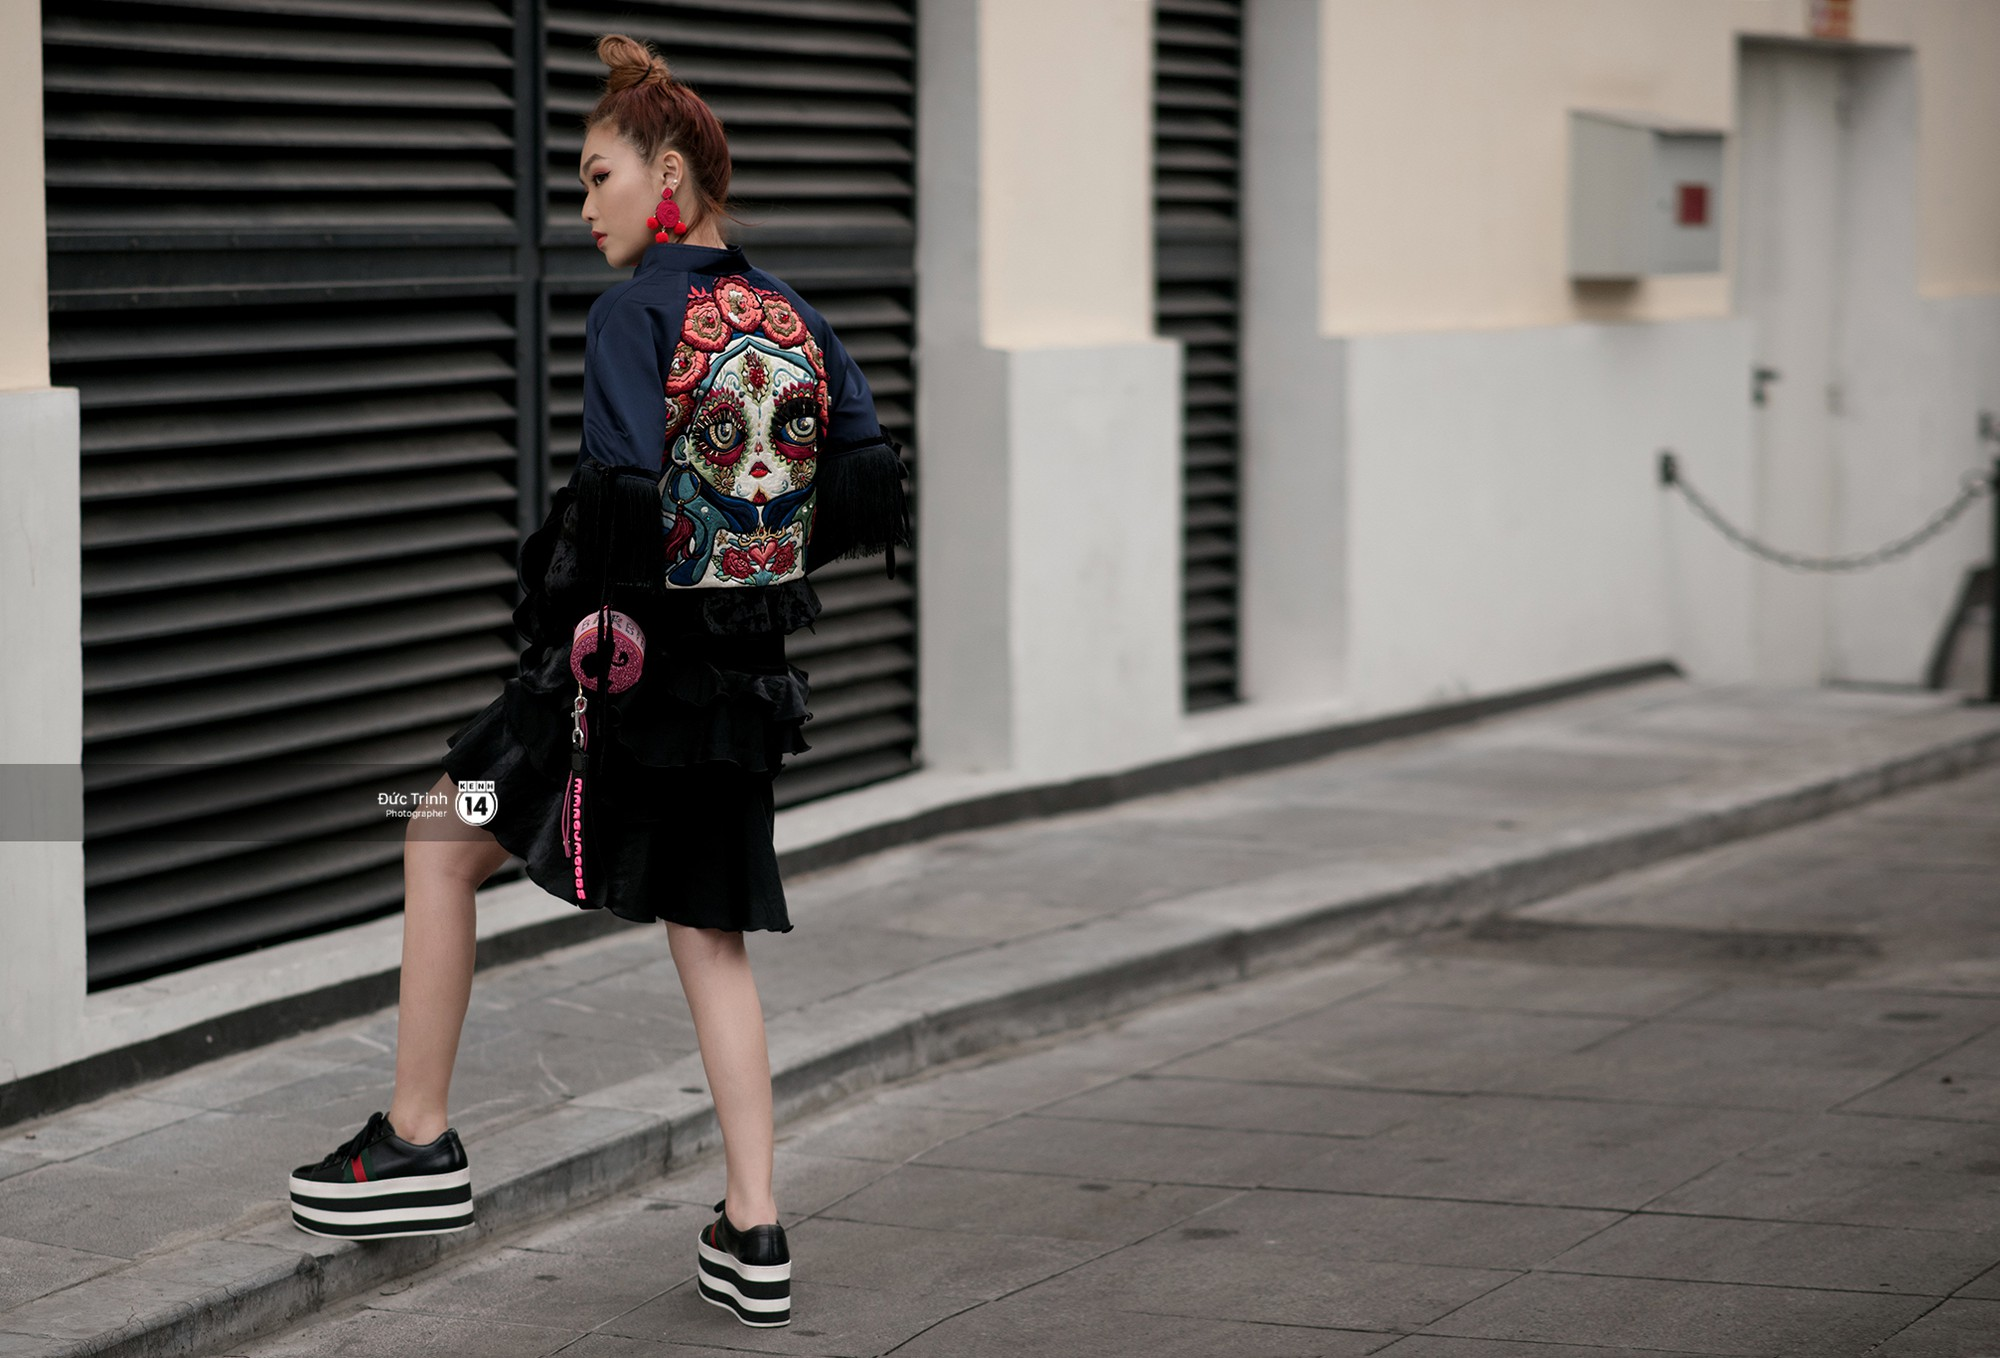 Giới trẻ 2 miền chinh phục loạt hot trend, khoe street style siêu cool và thời thượng ngắm là mê - Ảnh 13.